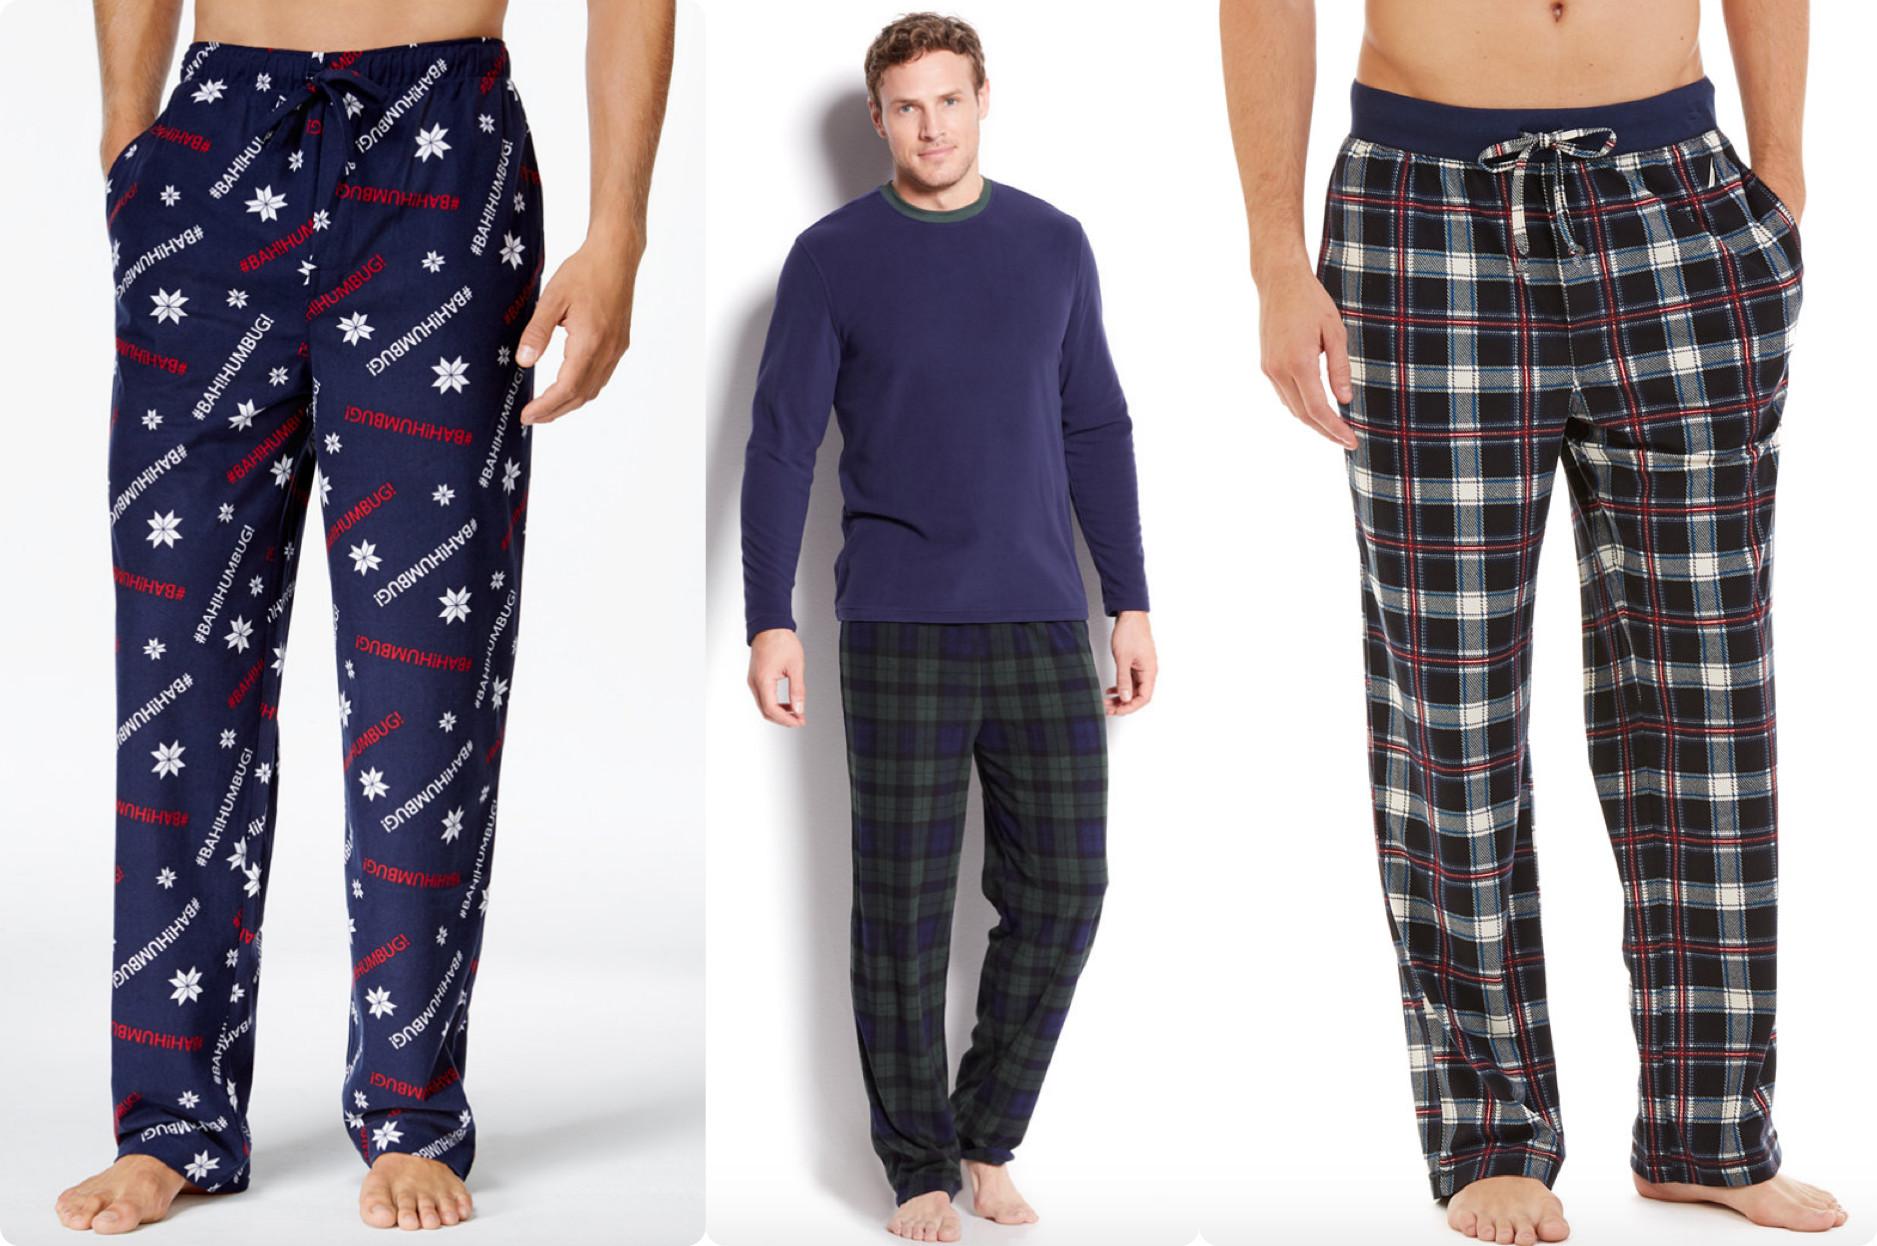 3d77d4a80905 Macy s  Men s Pajama Pants or Sets  3.99 Each - Hip2Save